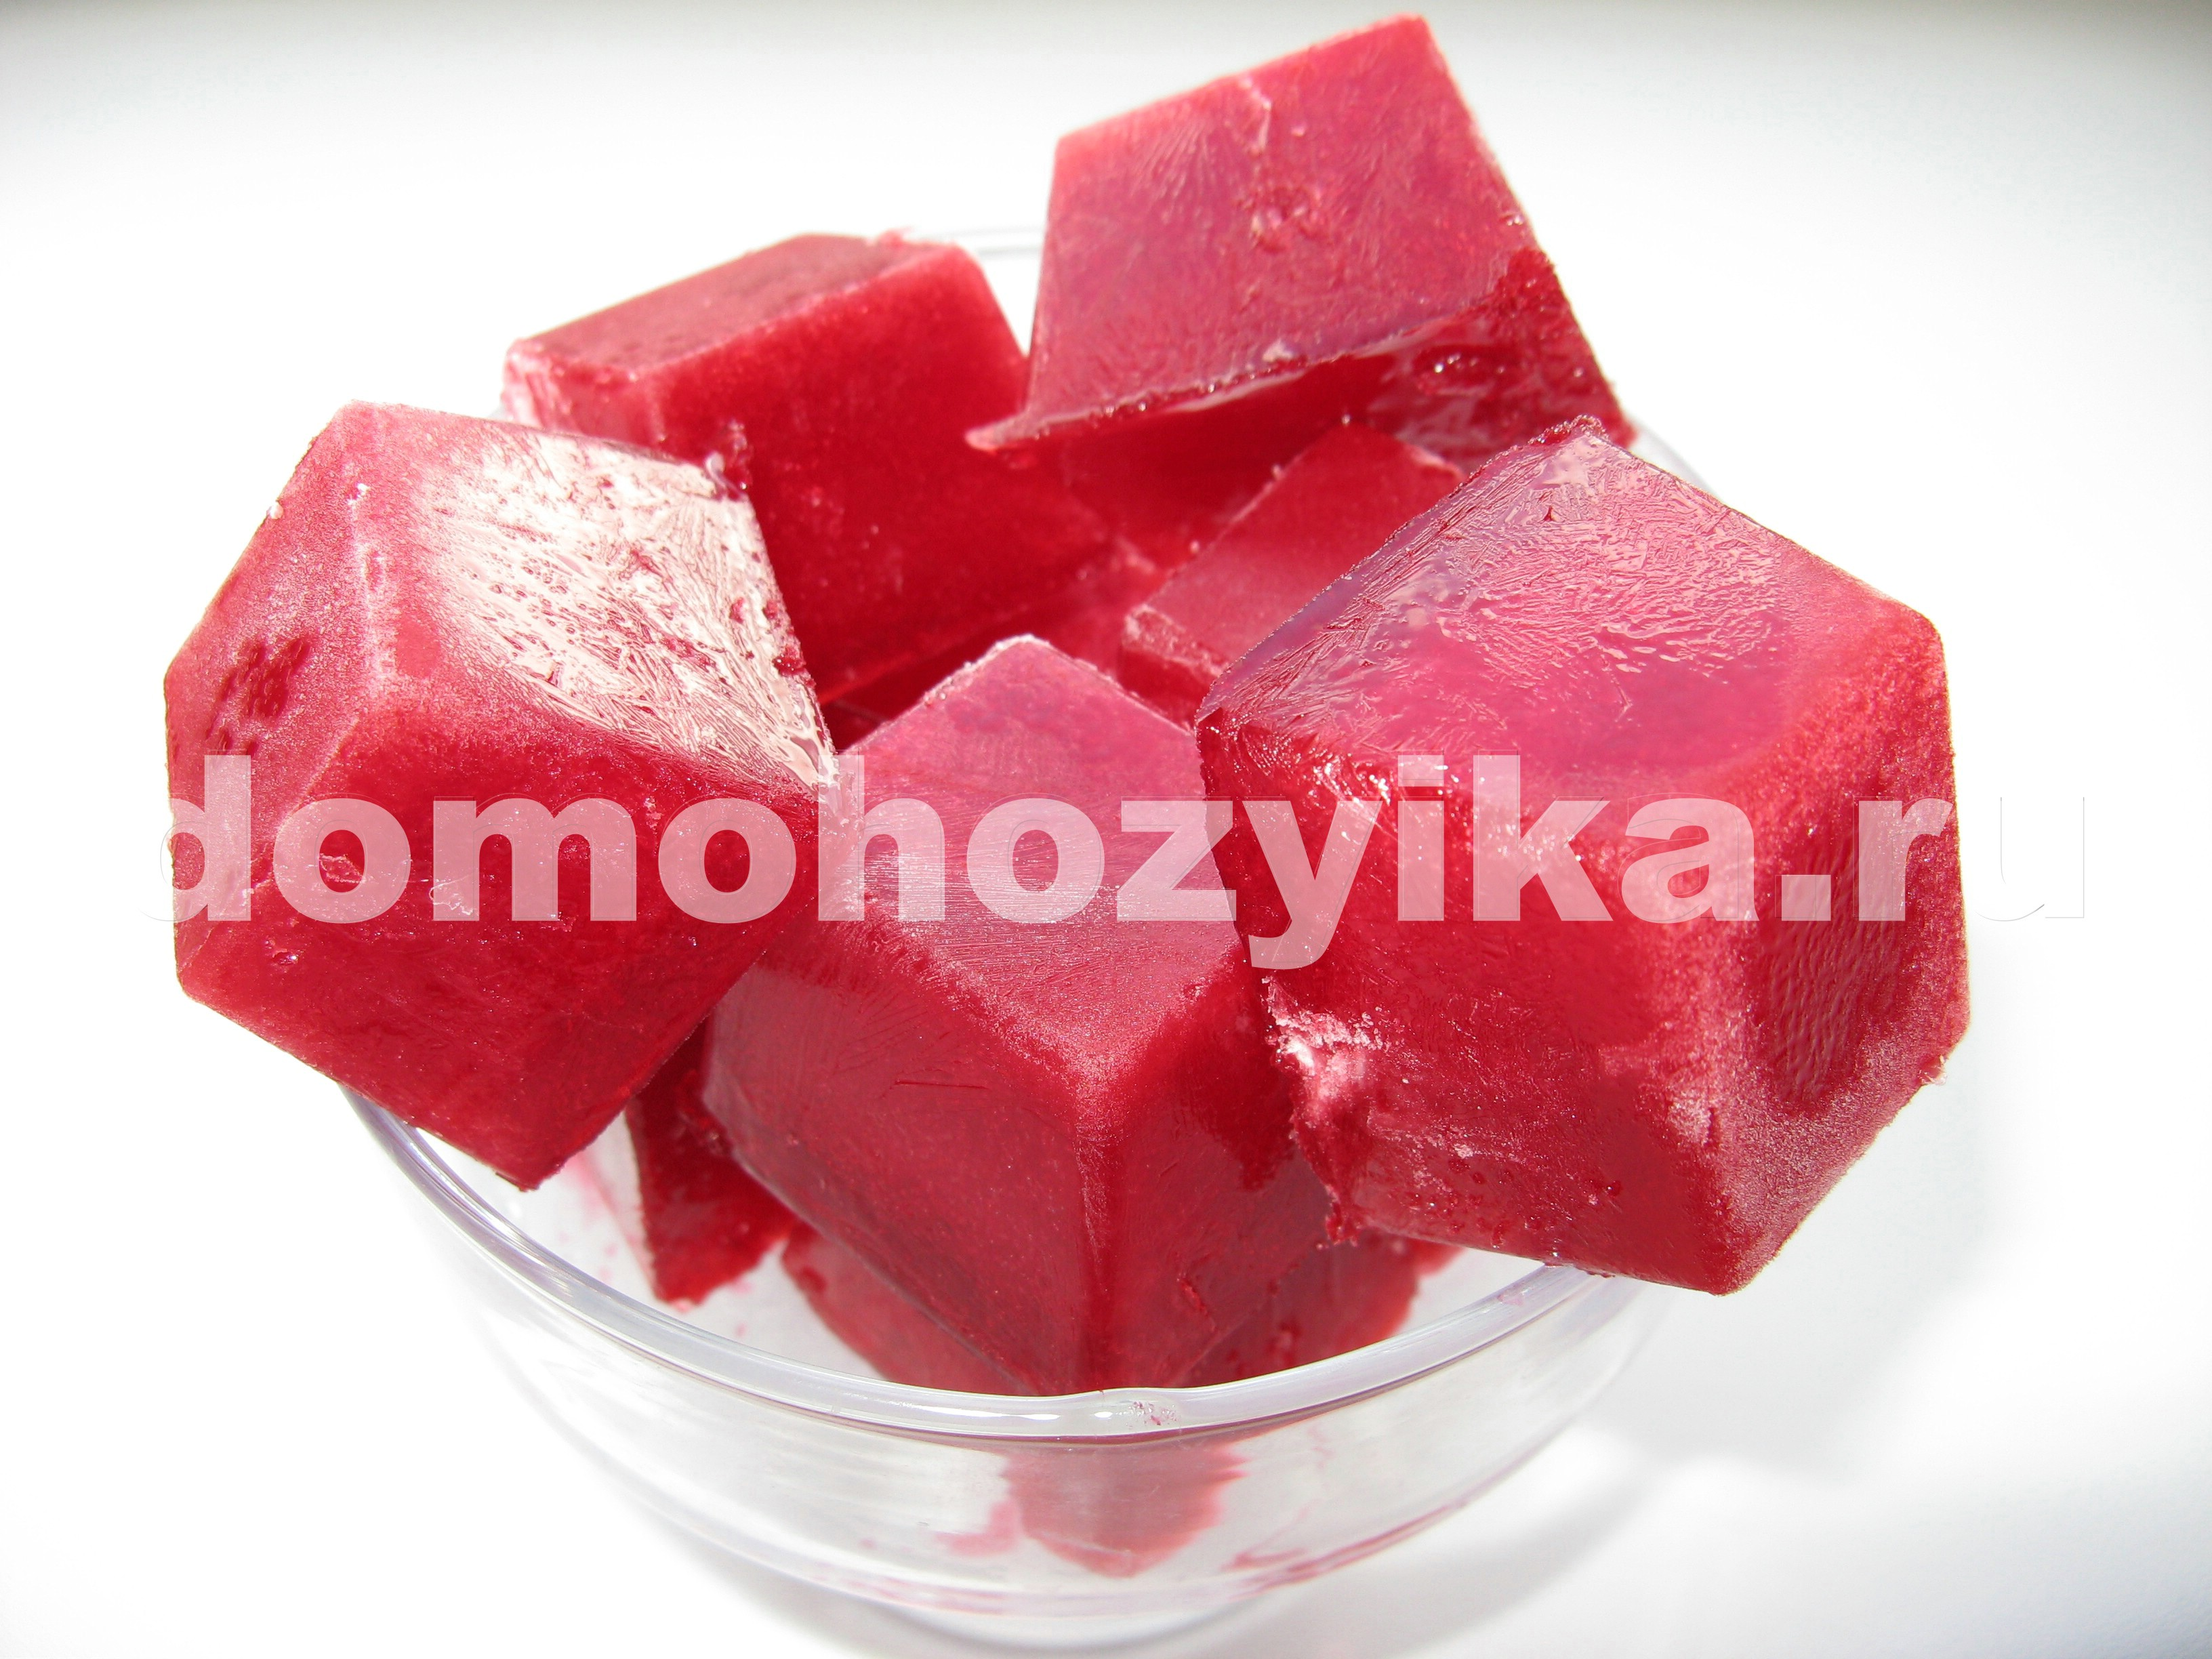 Манговый фруктовый лед, пошаговый рецепт с фото - Гастроном 24